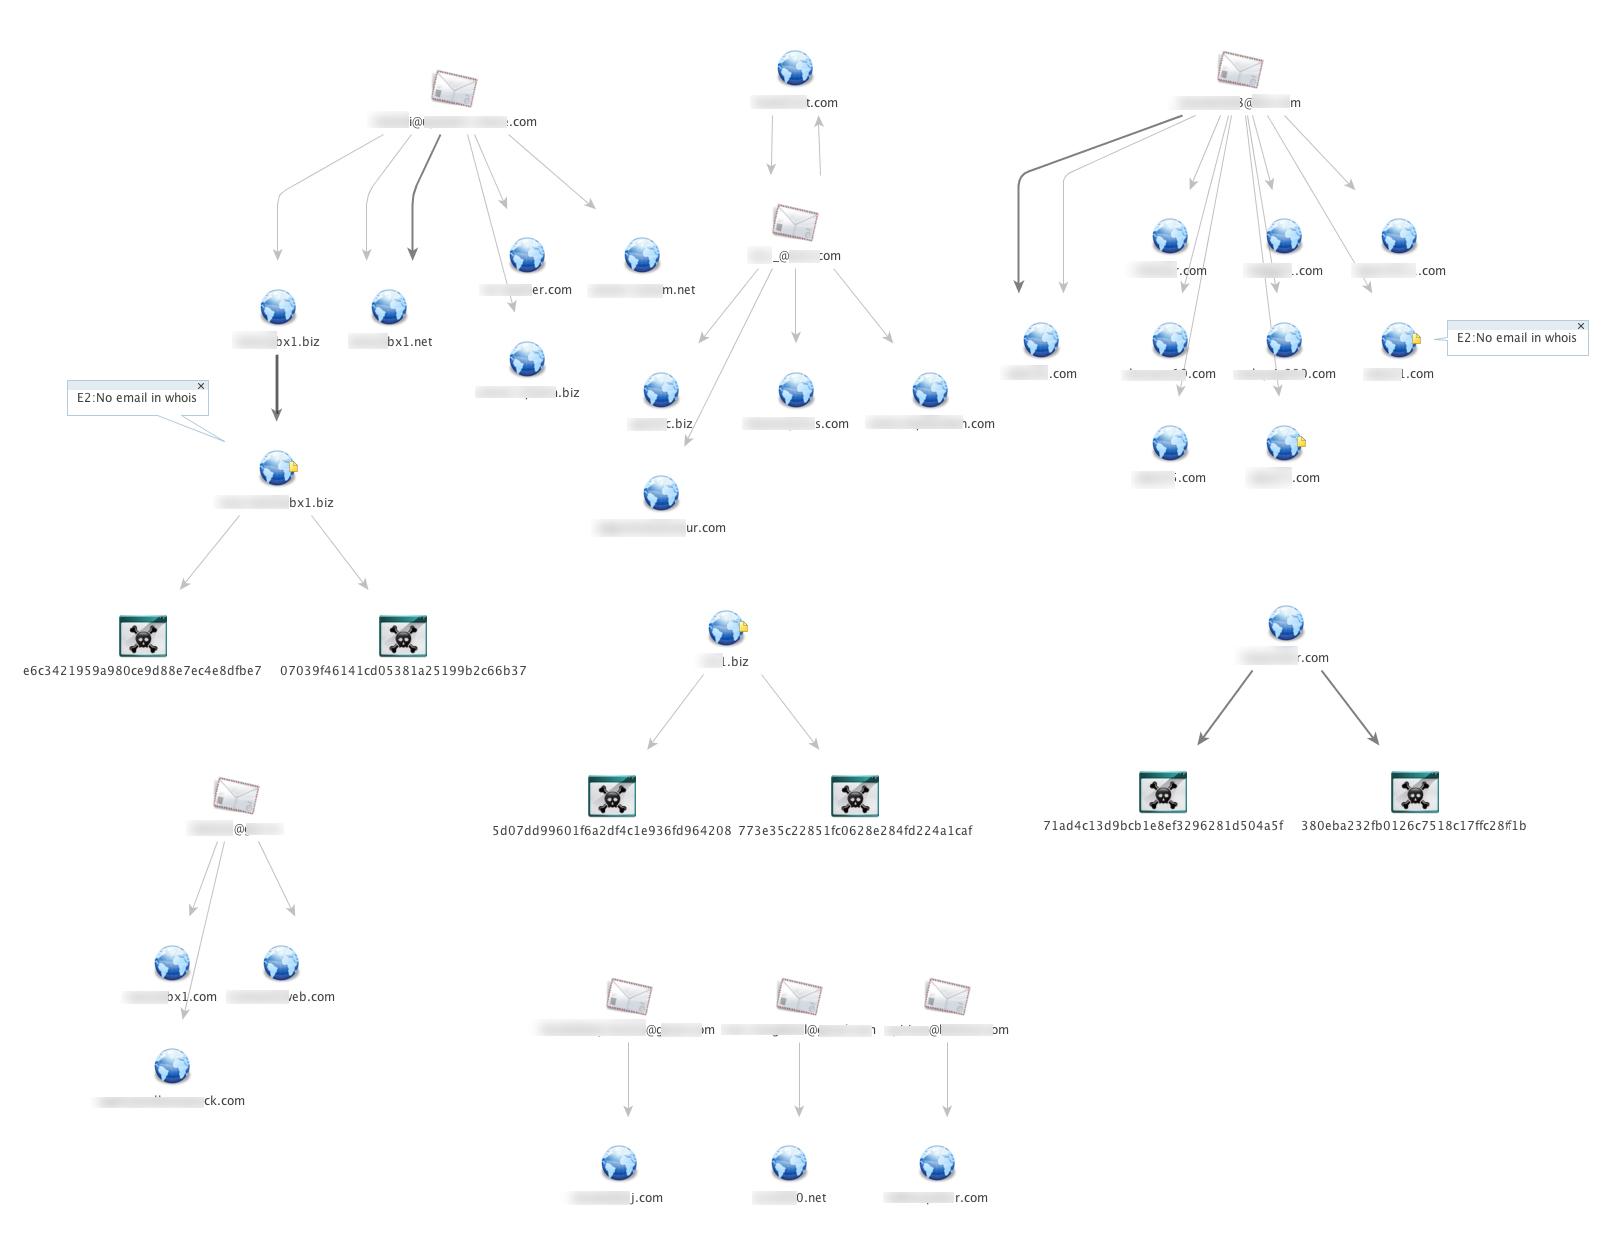 図3:Webサイト、Eメールアドレスおよび不正プログラムの関連性